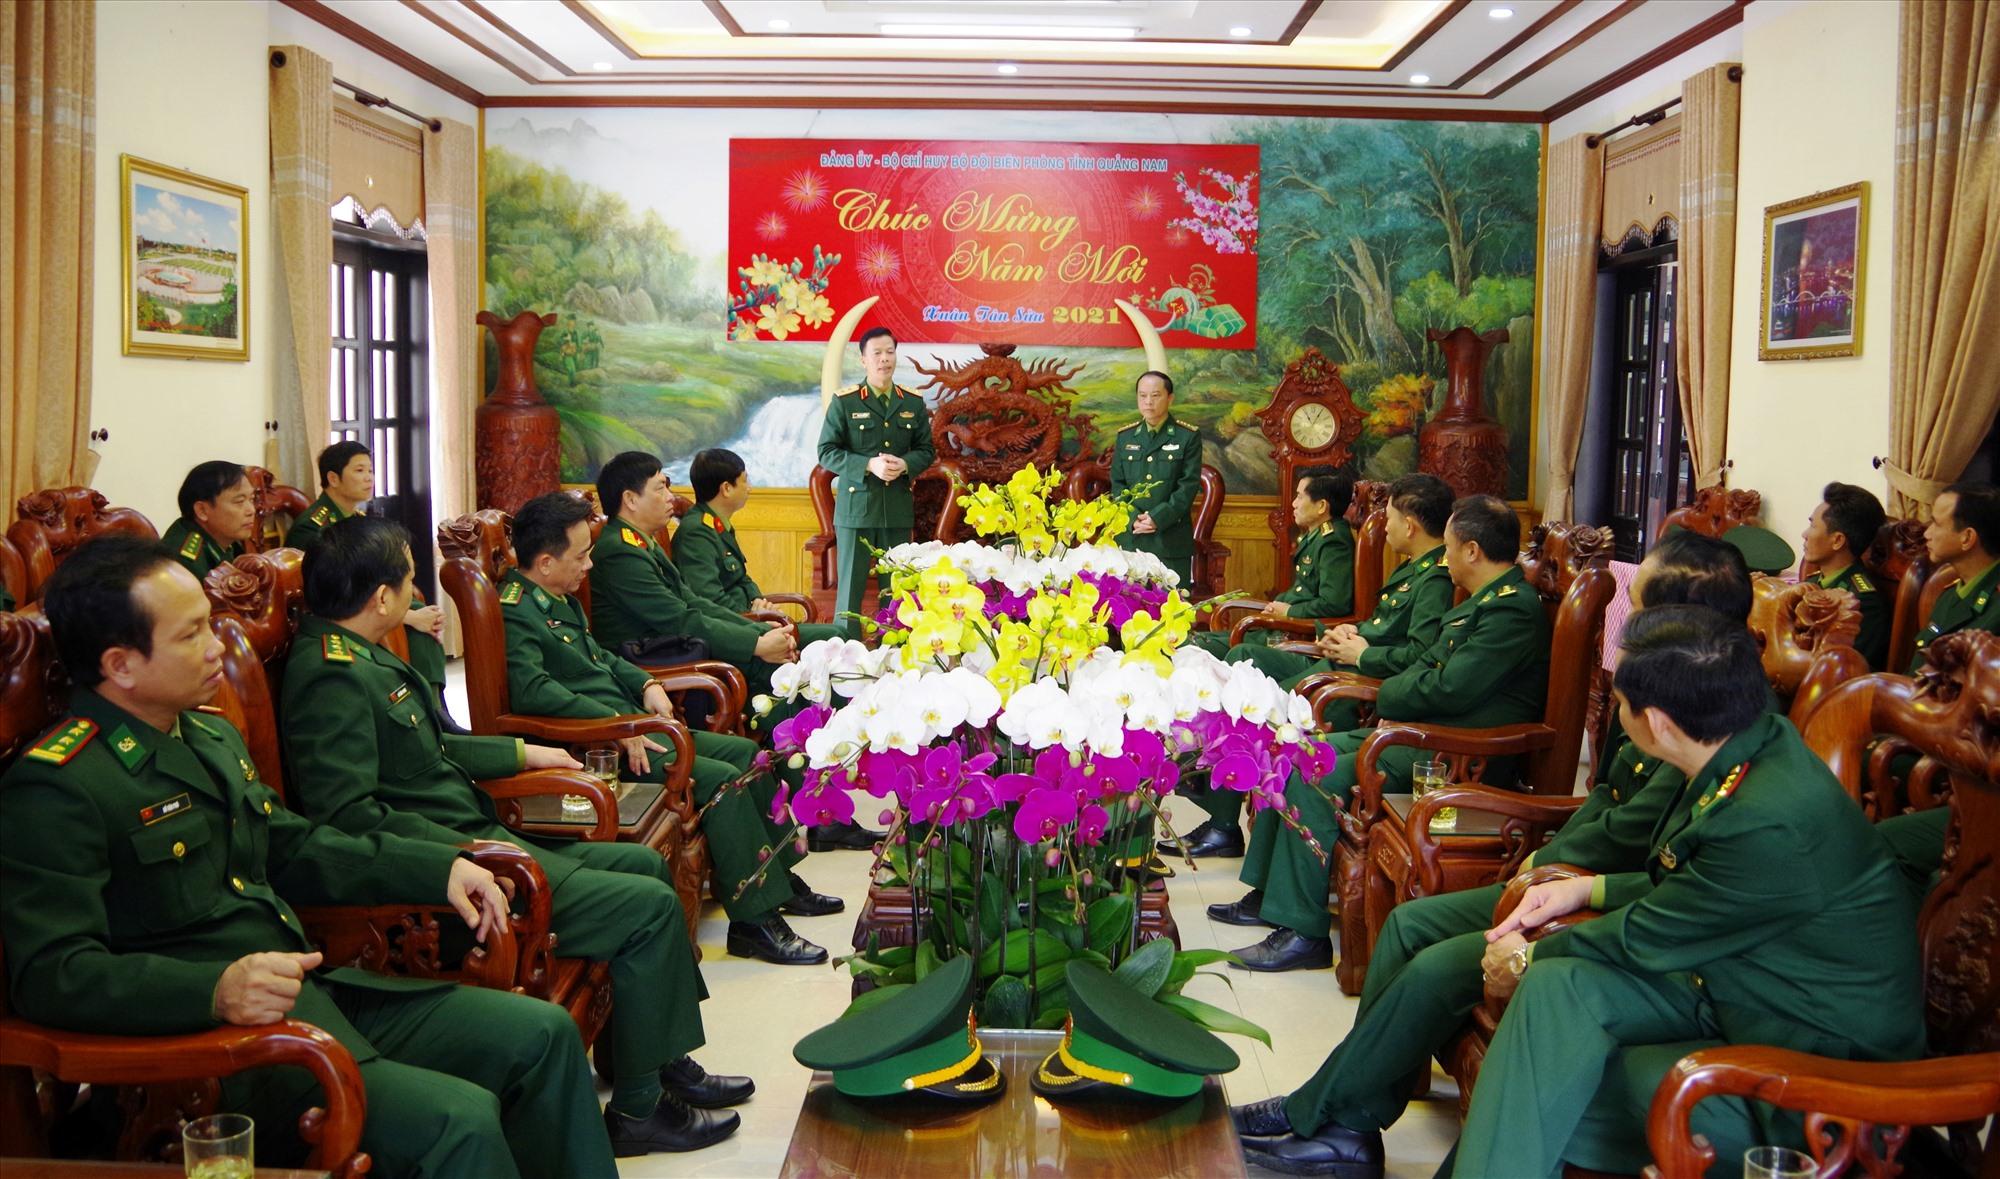 Trung tướng Nguyễn Trọng Bình – Phó Tổng Tham mưu trưởng QĐND Việt Nam phát biểu ghi nhận và đánh giá cao kết quả của BĐBP Quảng Nam.